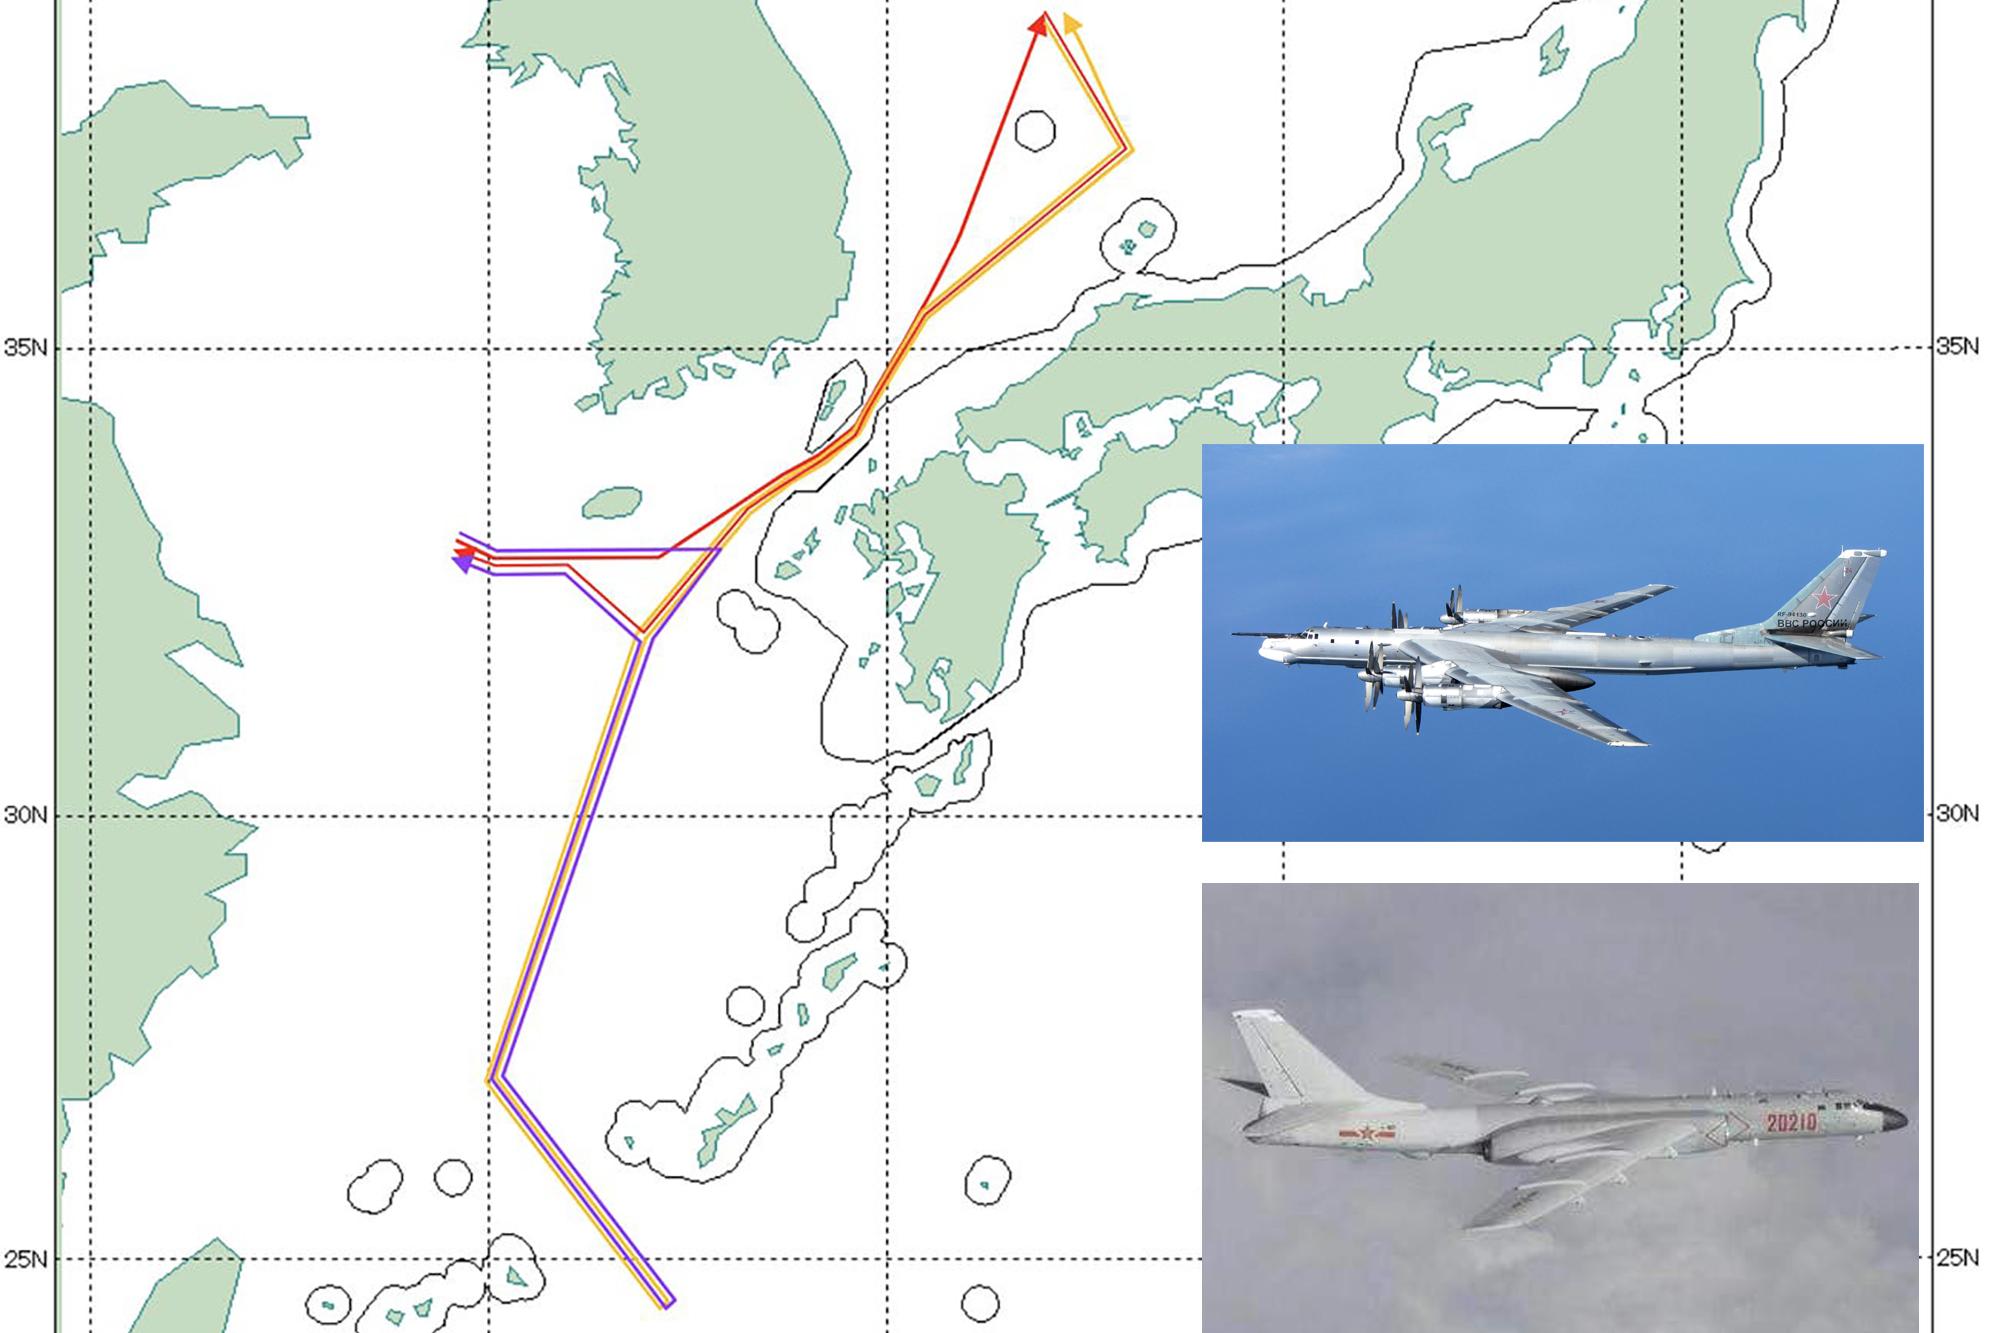 中俄轰炸机联合战巡,日本多地警报响起,战斗机紧急起飞如临大敌